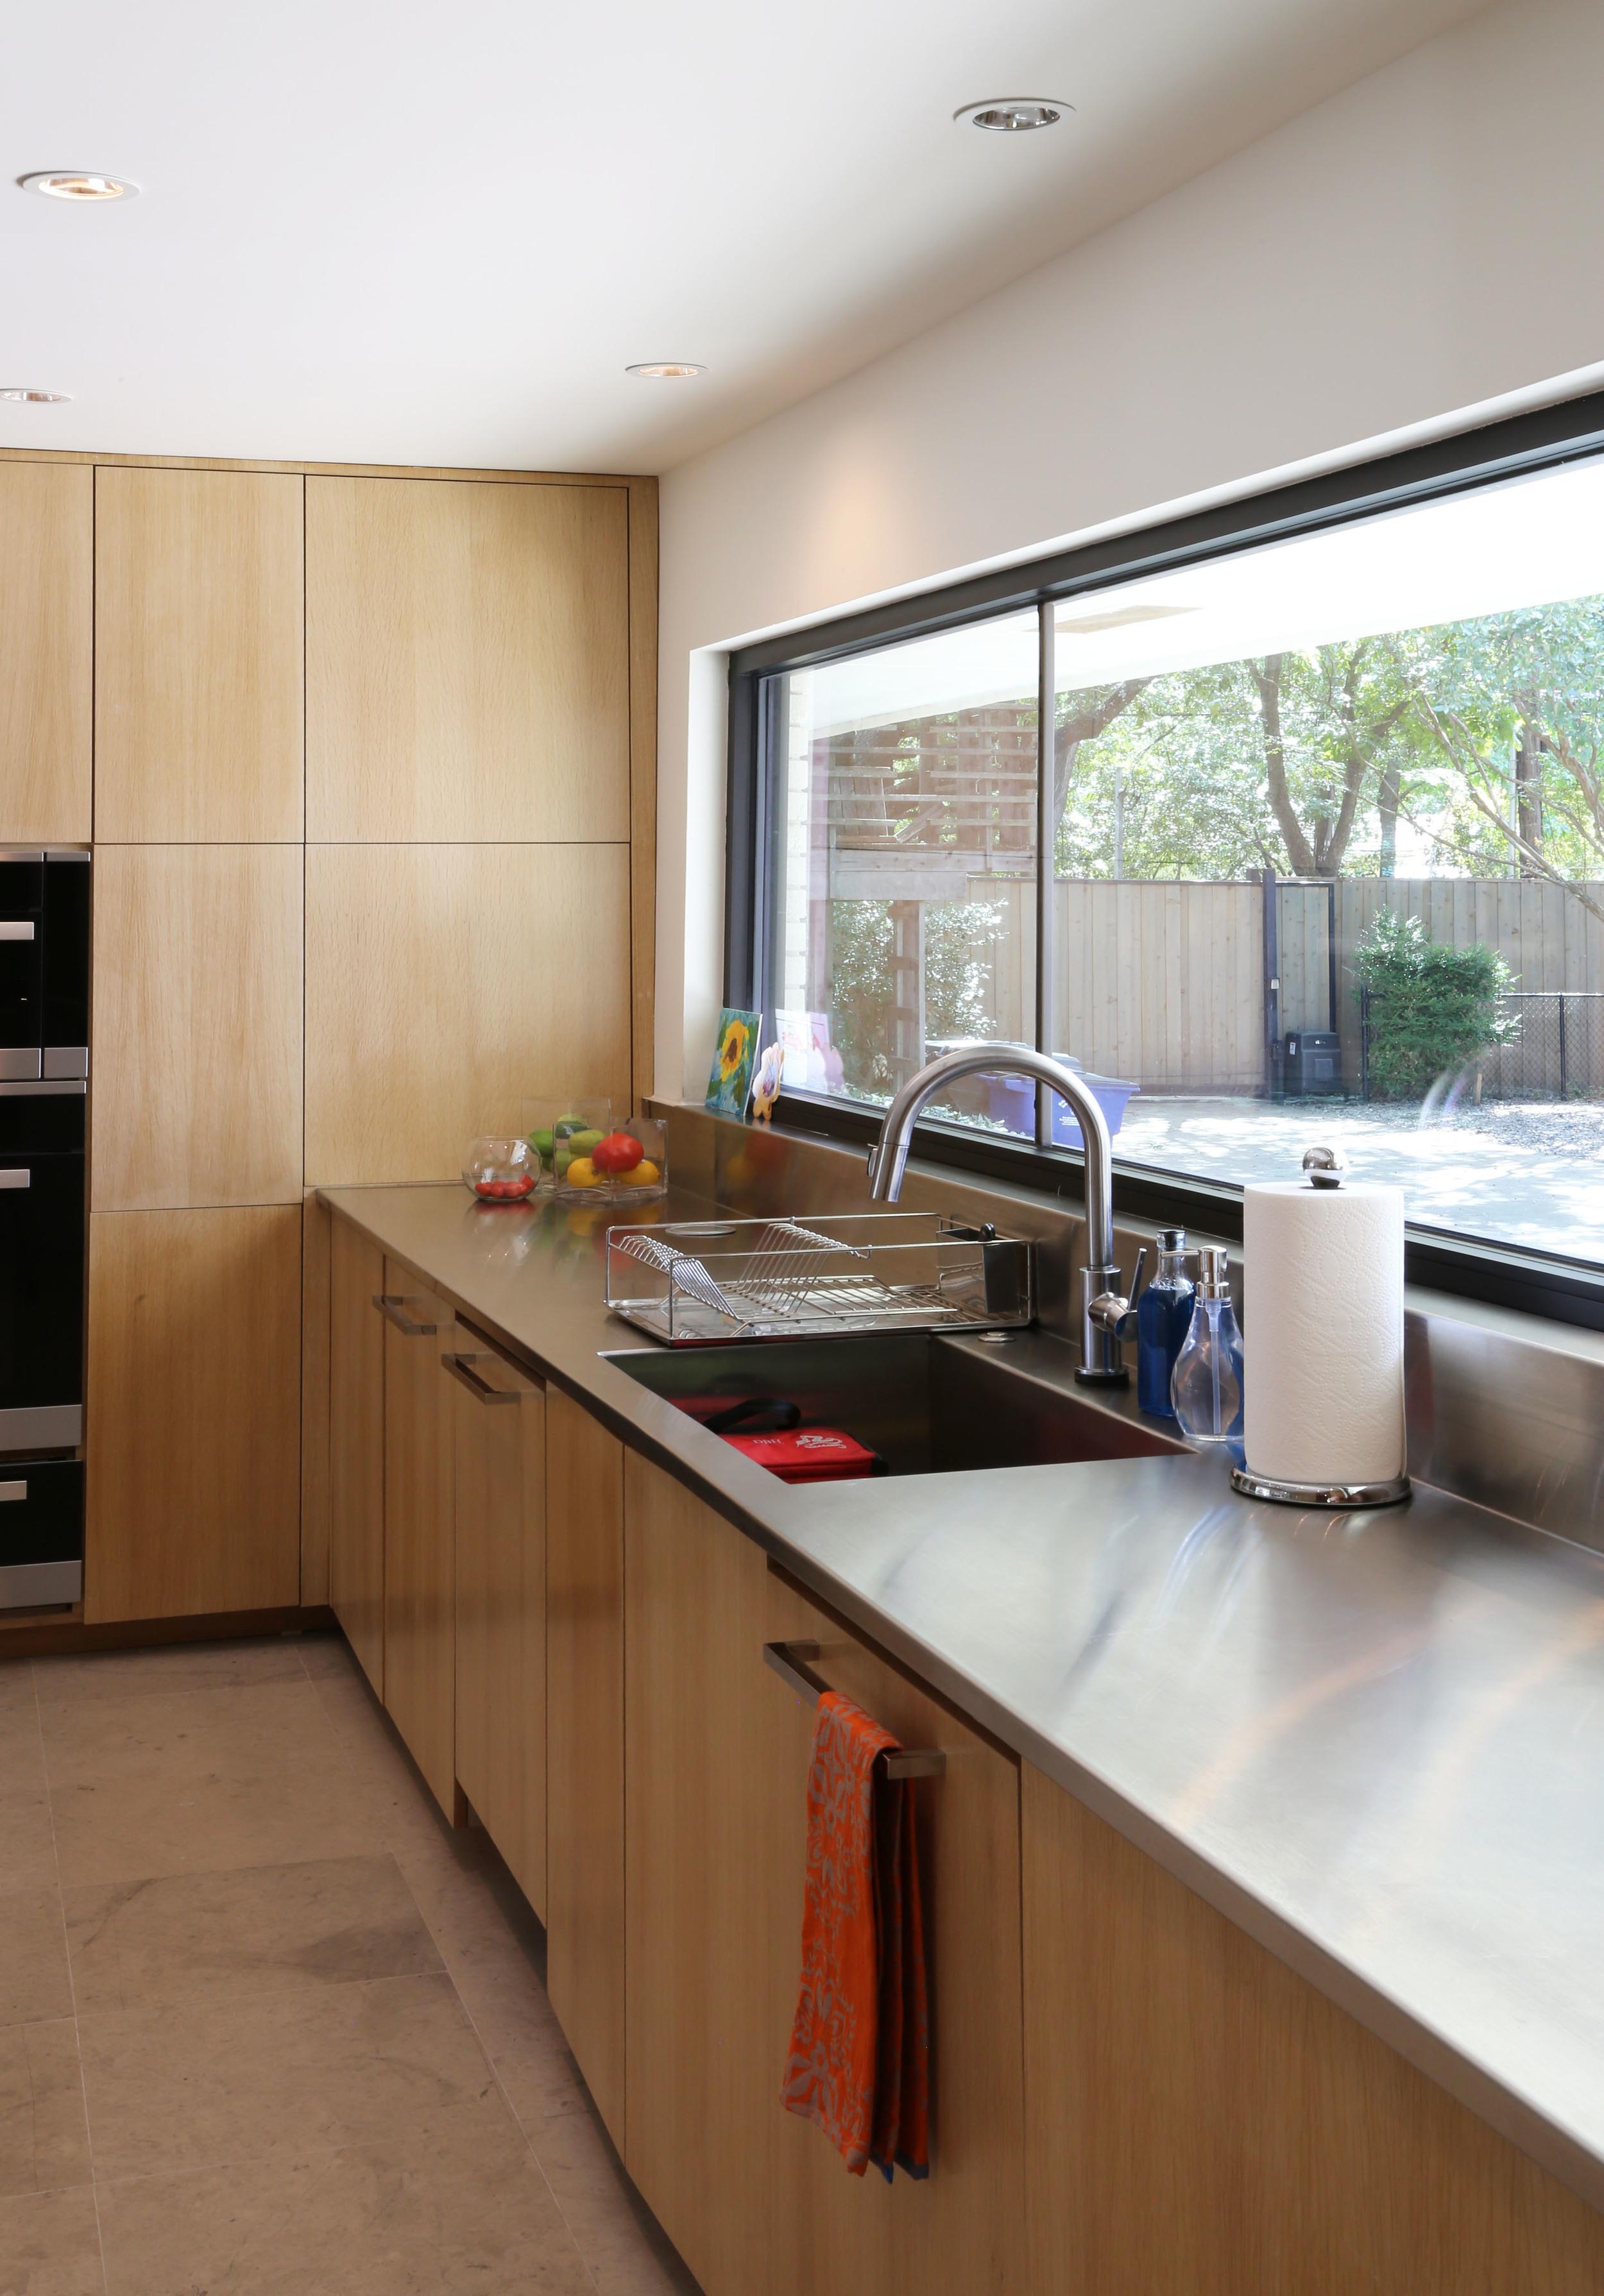 ND House Reno Kitchen 03.jpg